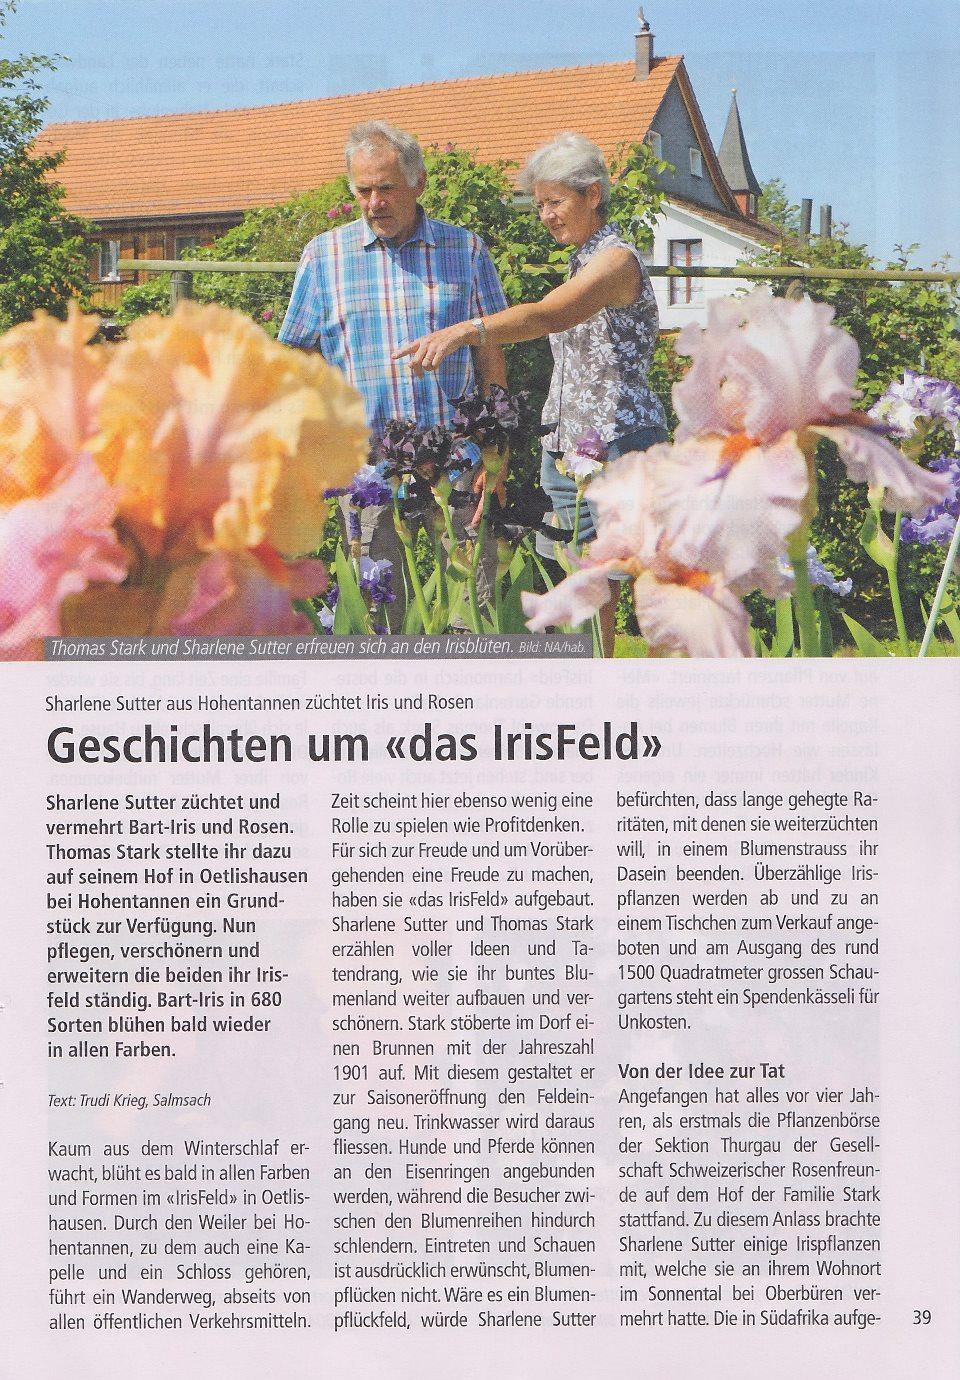 St. Galler Bauer  - Nummer 10 - 12. März 2021, Seite 39 - Geschichten um 'das IrisFeld'